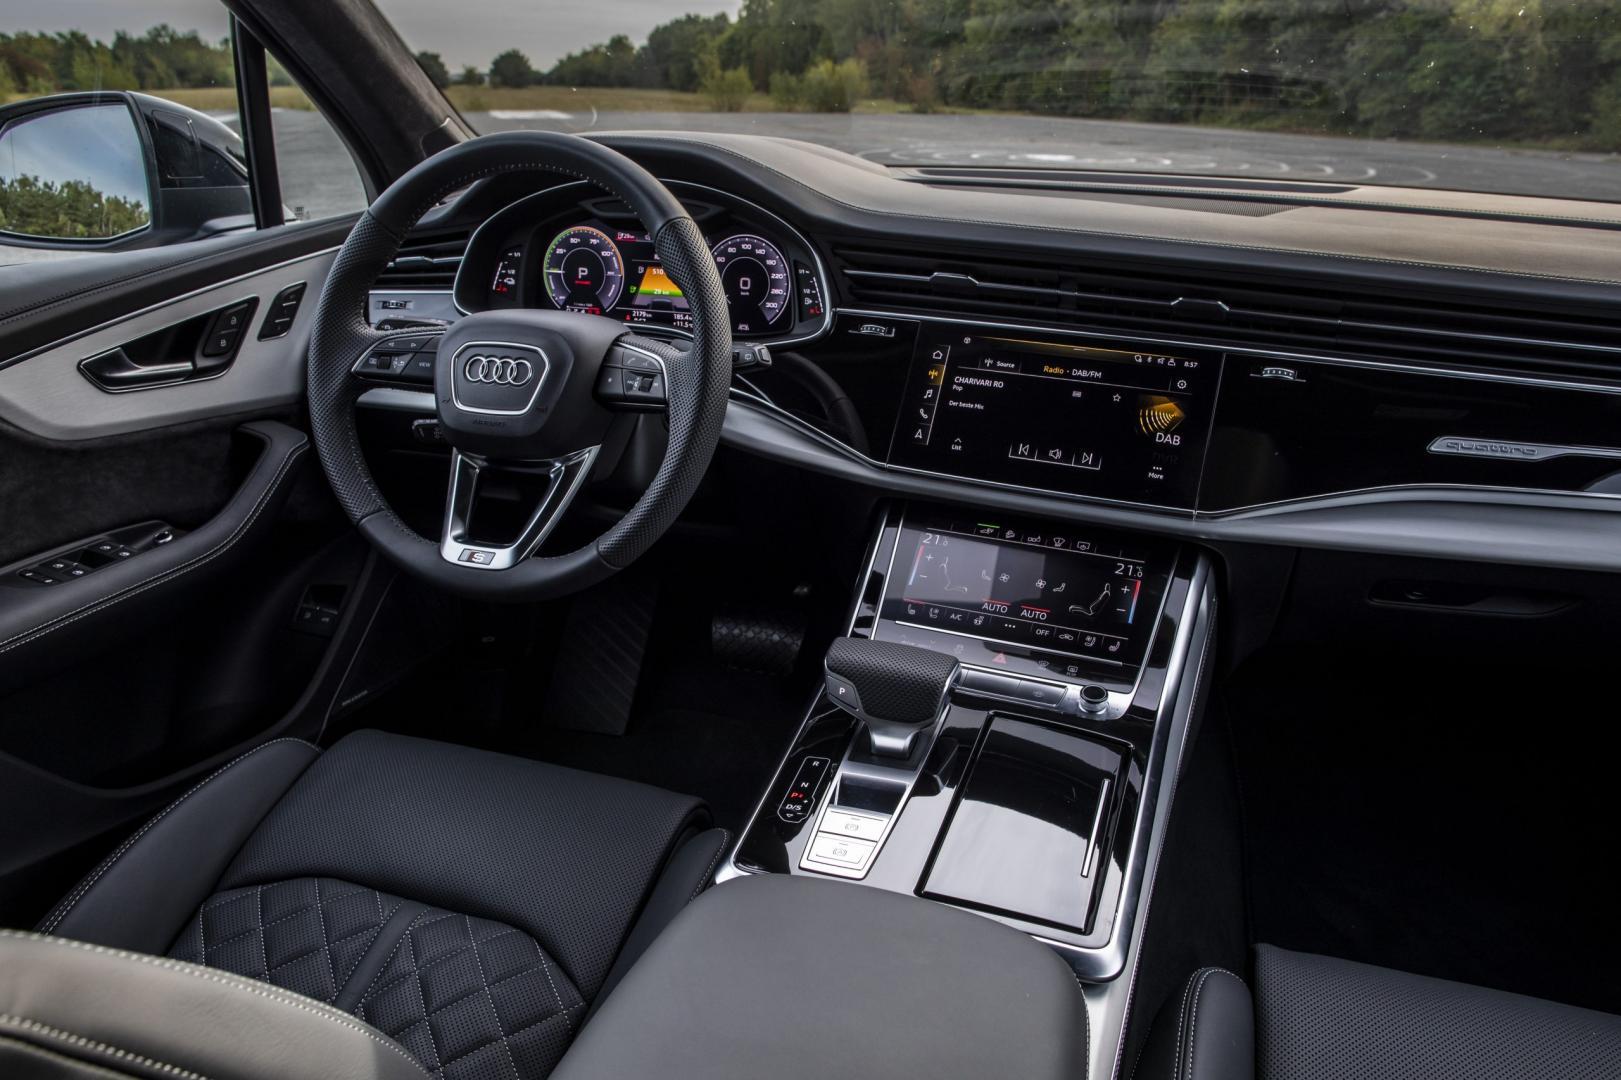 Audi Q7 TFSI e interieur dashboard